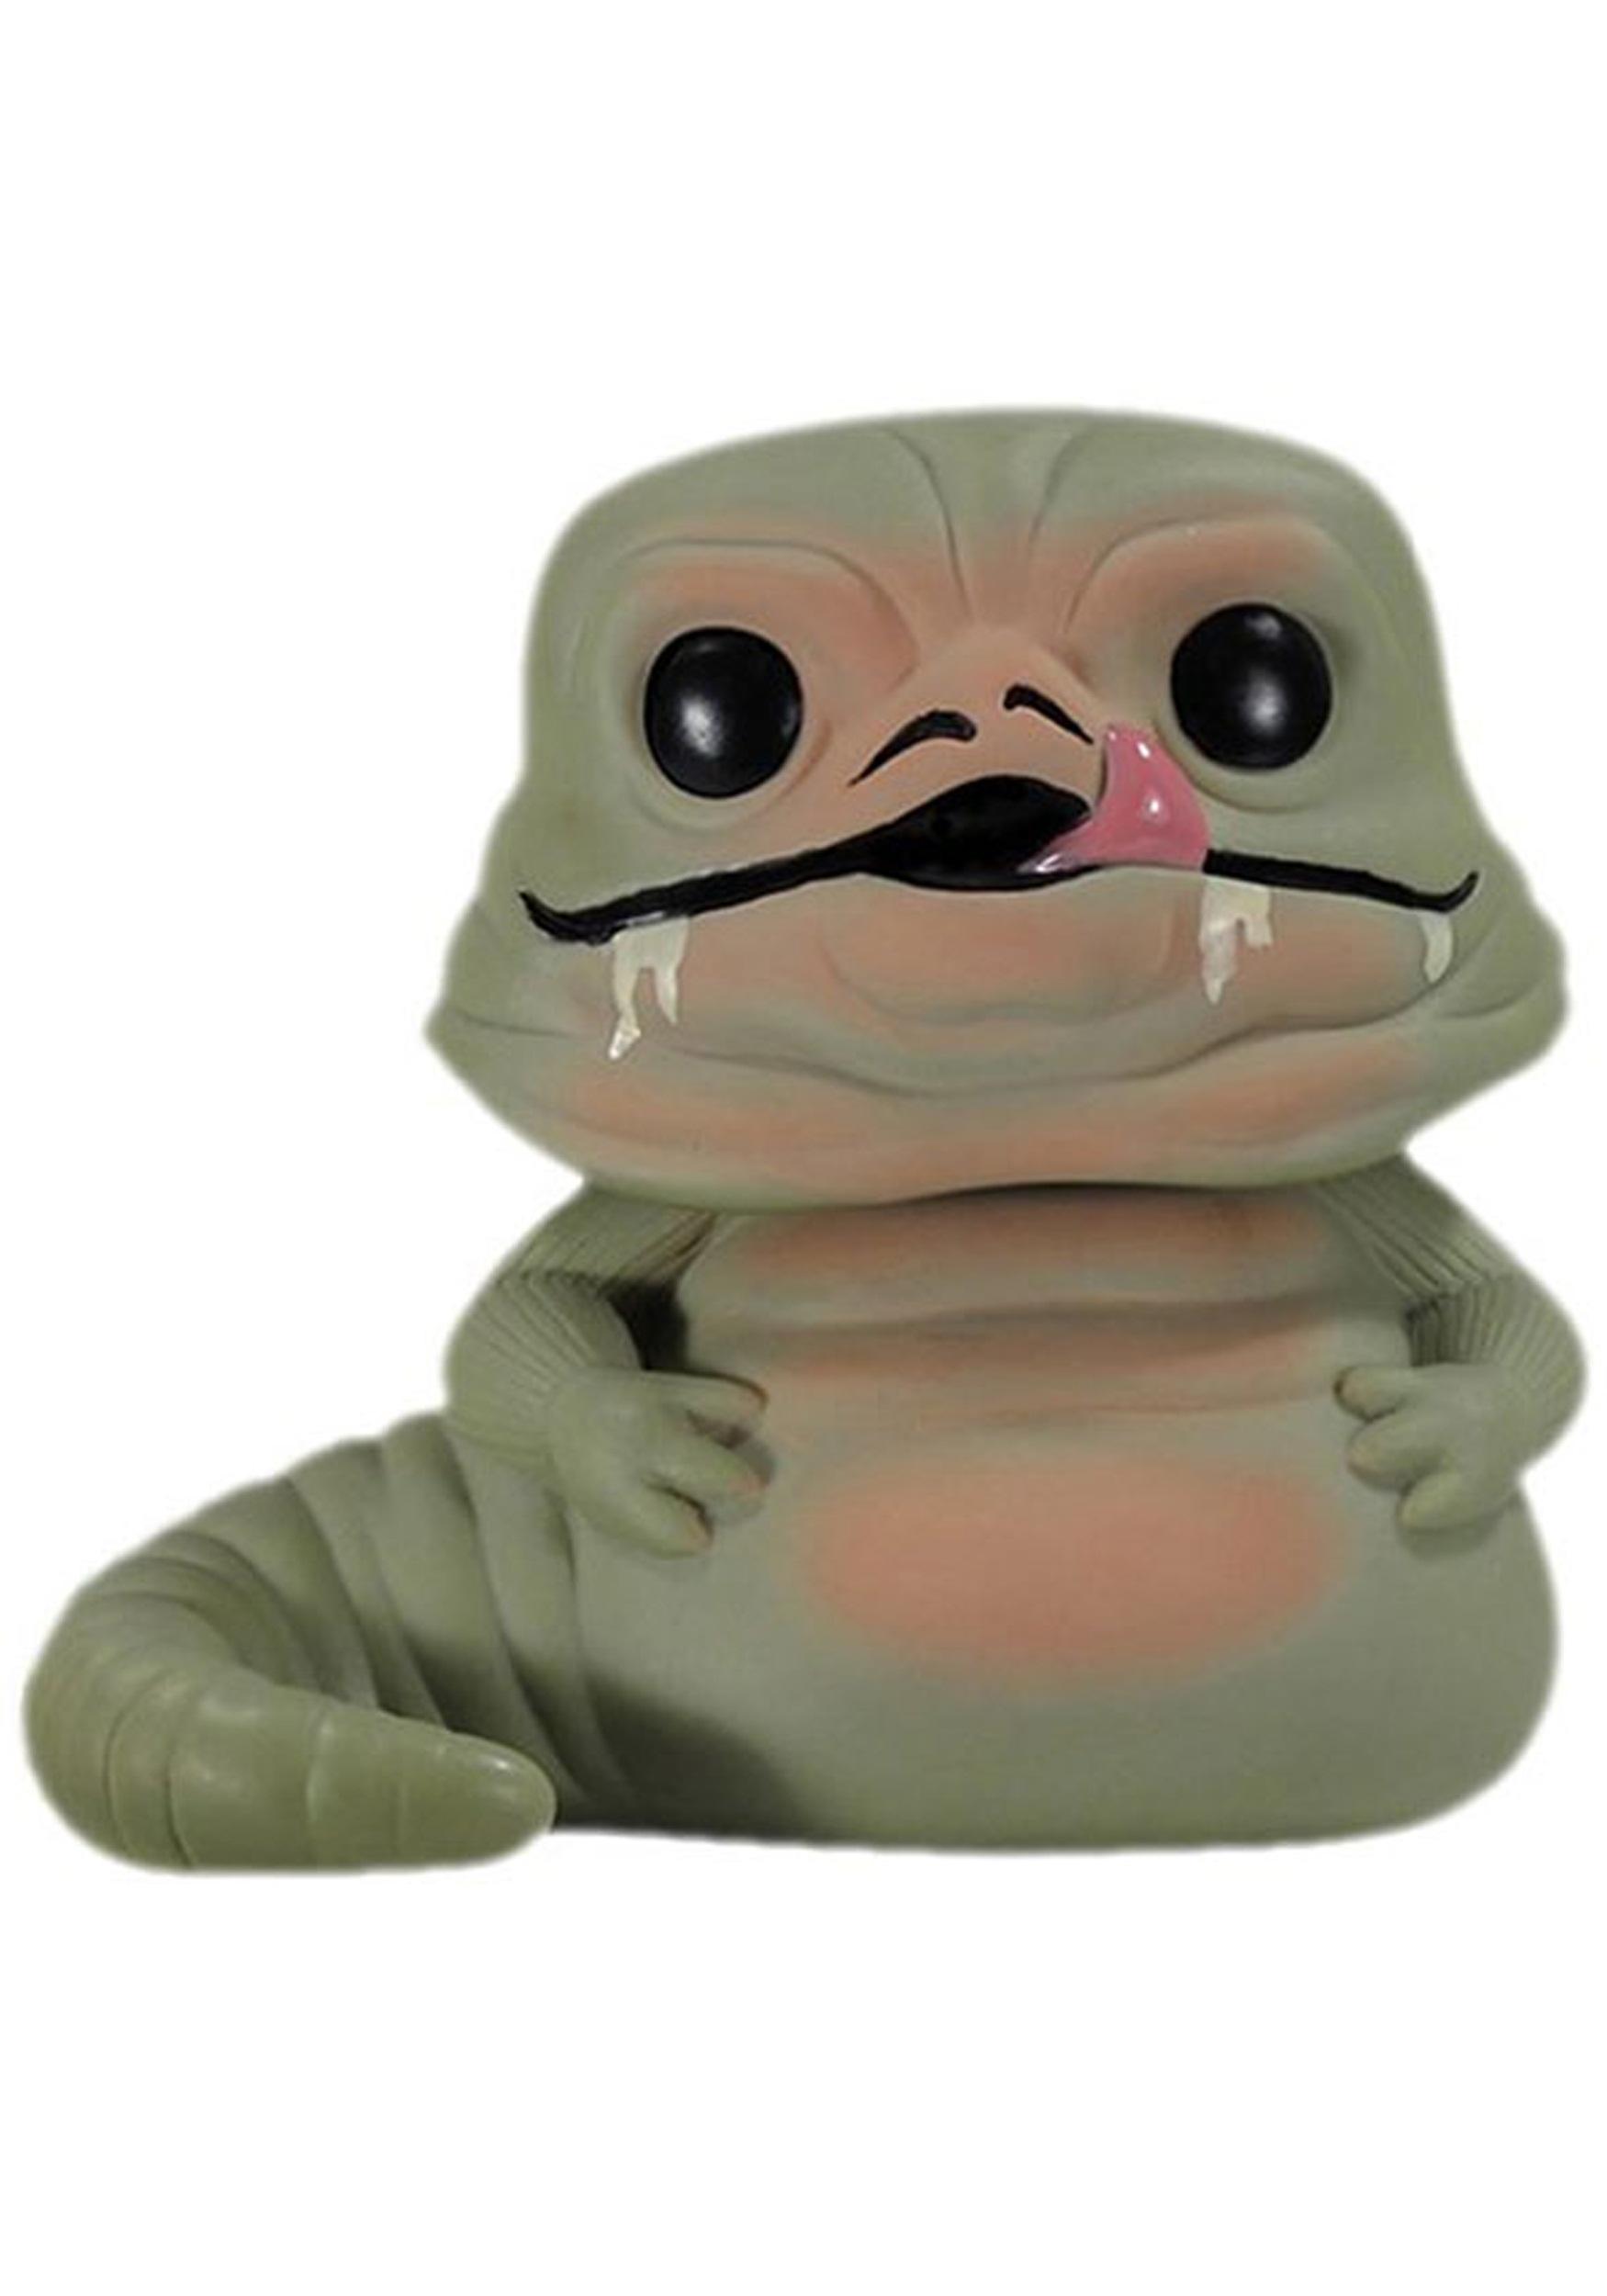 POP Star Wars Jabba the Hutt Bobblehead FN2594